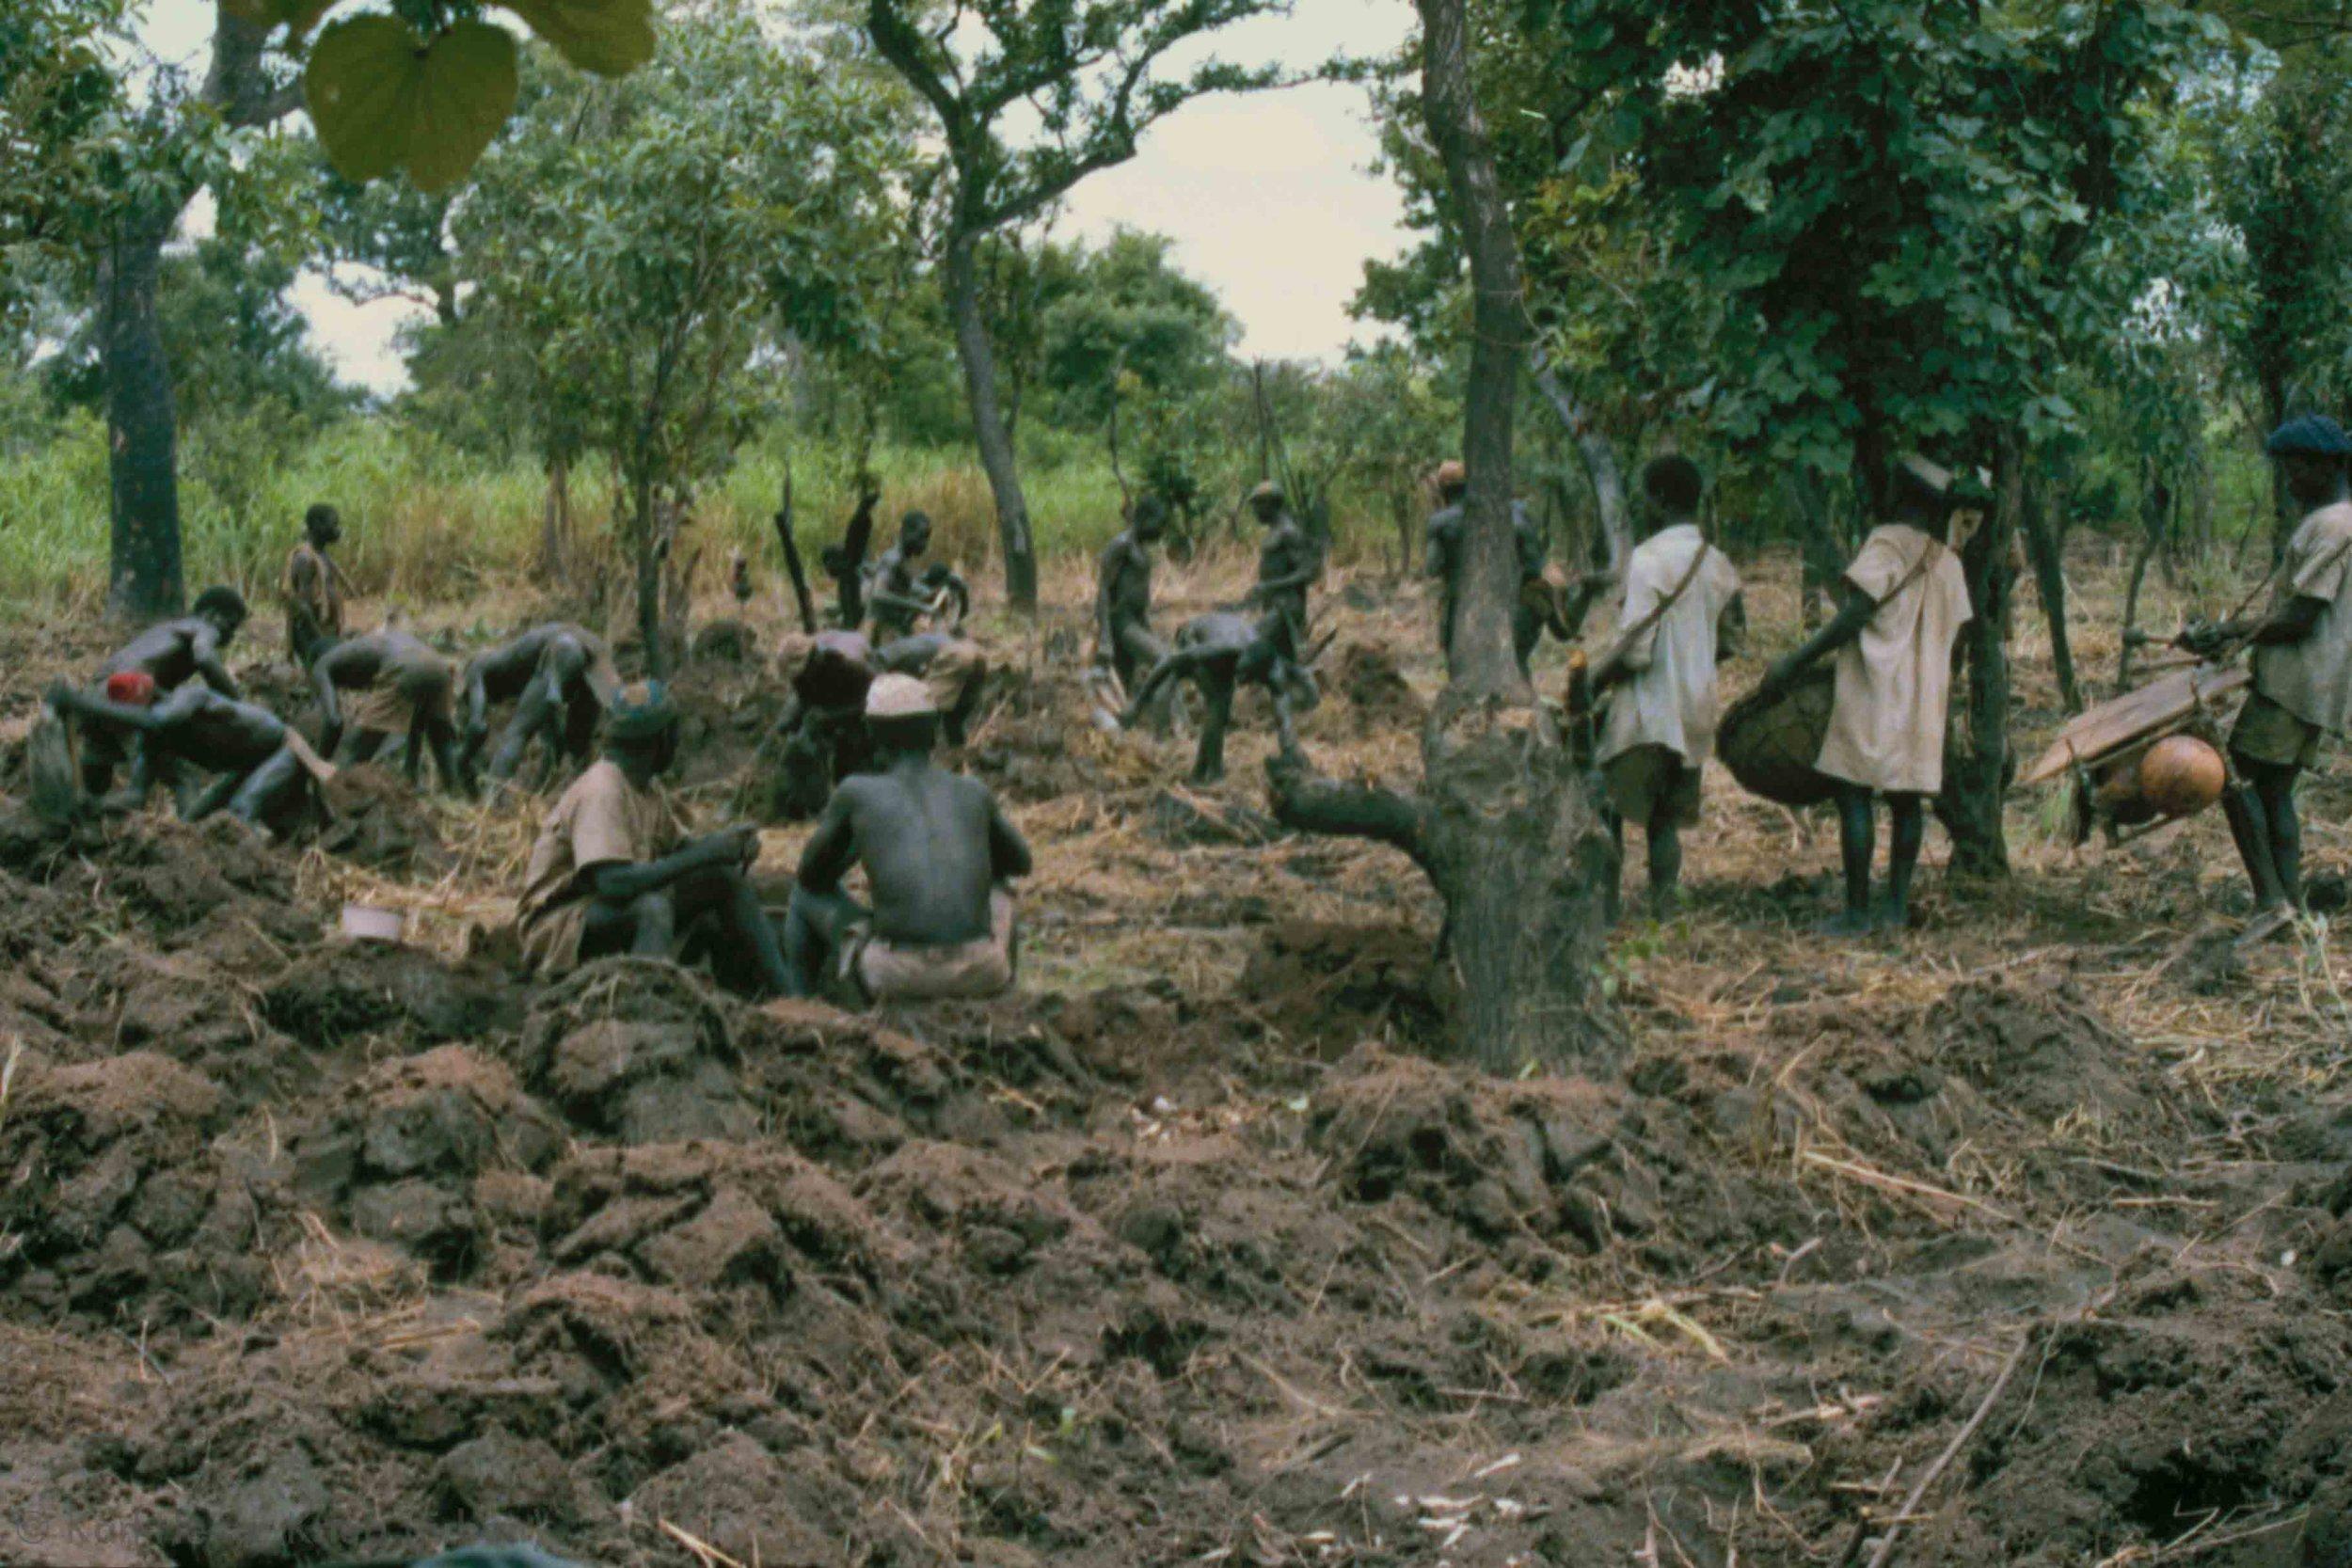 Feldbau-Wettbewerb mit einer Musikgruppe. Foto: Karl-Heinz Krieg, Kounoumon (Region von Boundiali, Côte d'Ivoire), 1980